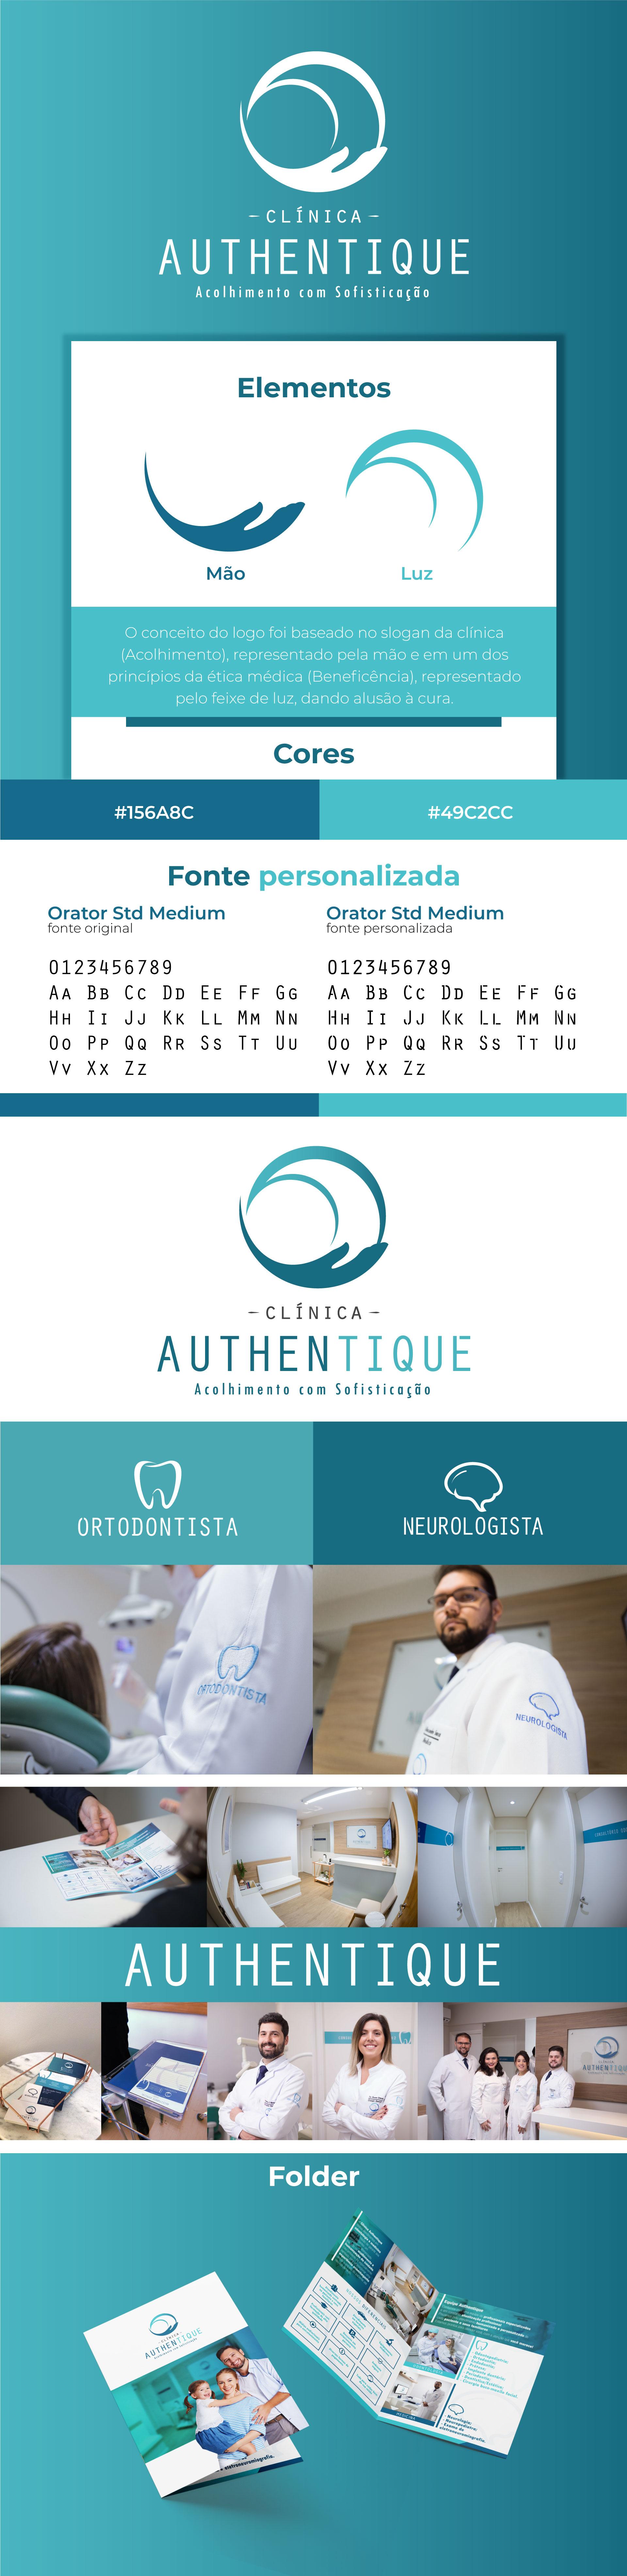 Clínica Authentique